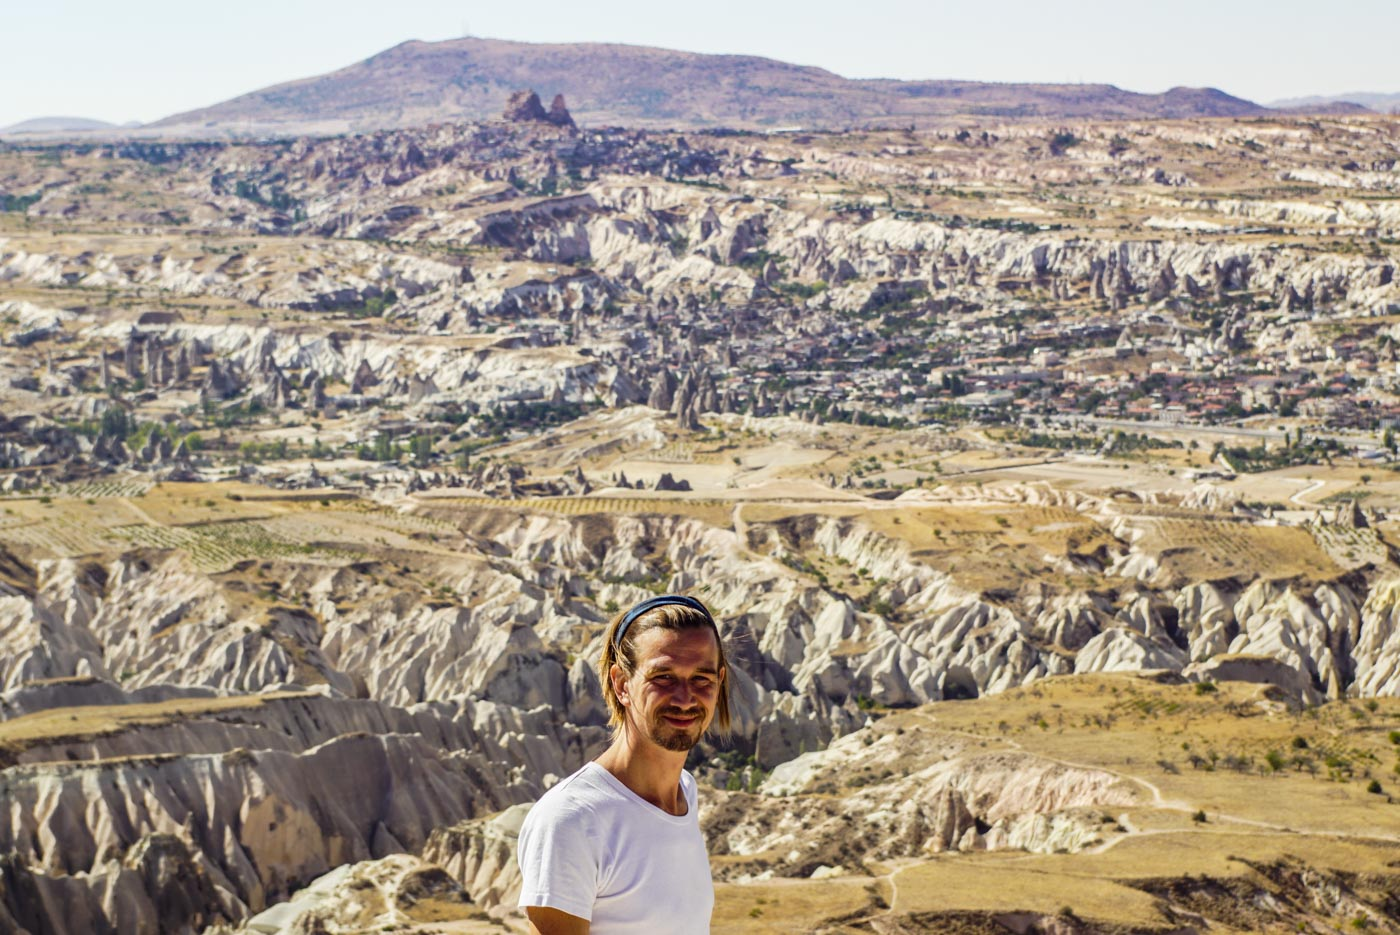 Paul steht auf einem Berg und blickt in die Kamera im Hintergrund ist die wunderschöne zerfurchte kappadokische Landschaft mit ihren Zuckerhüten und Tälern zu erblicken.